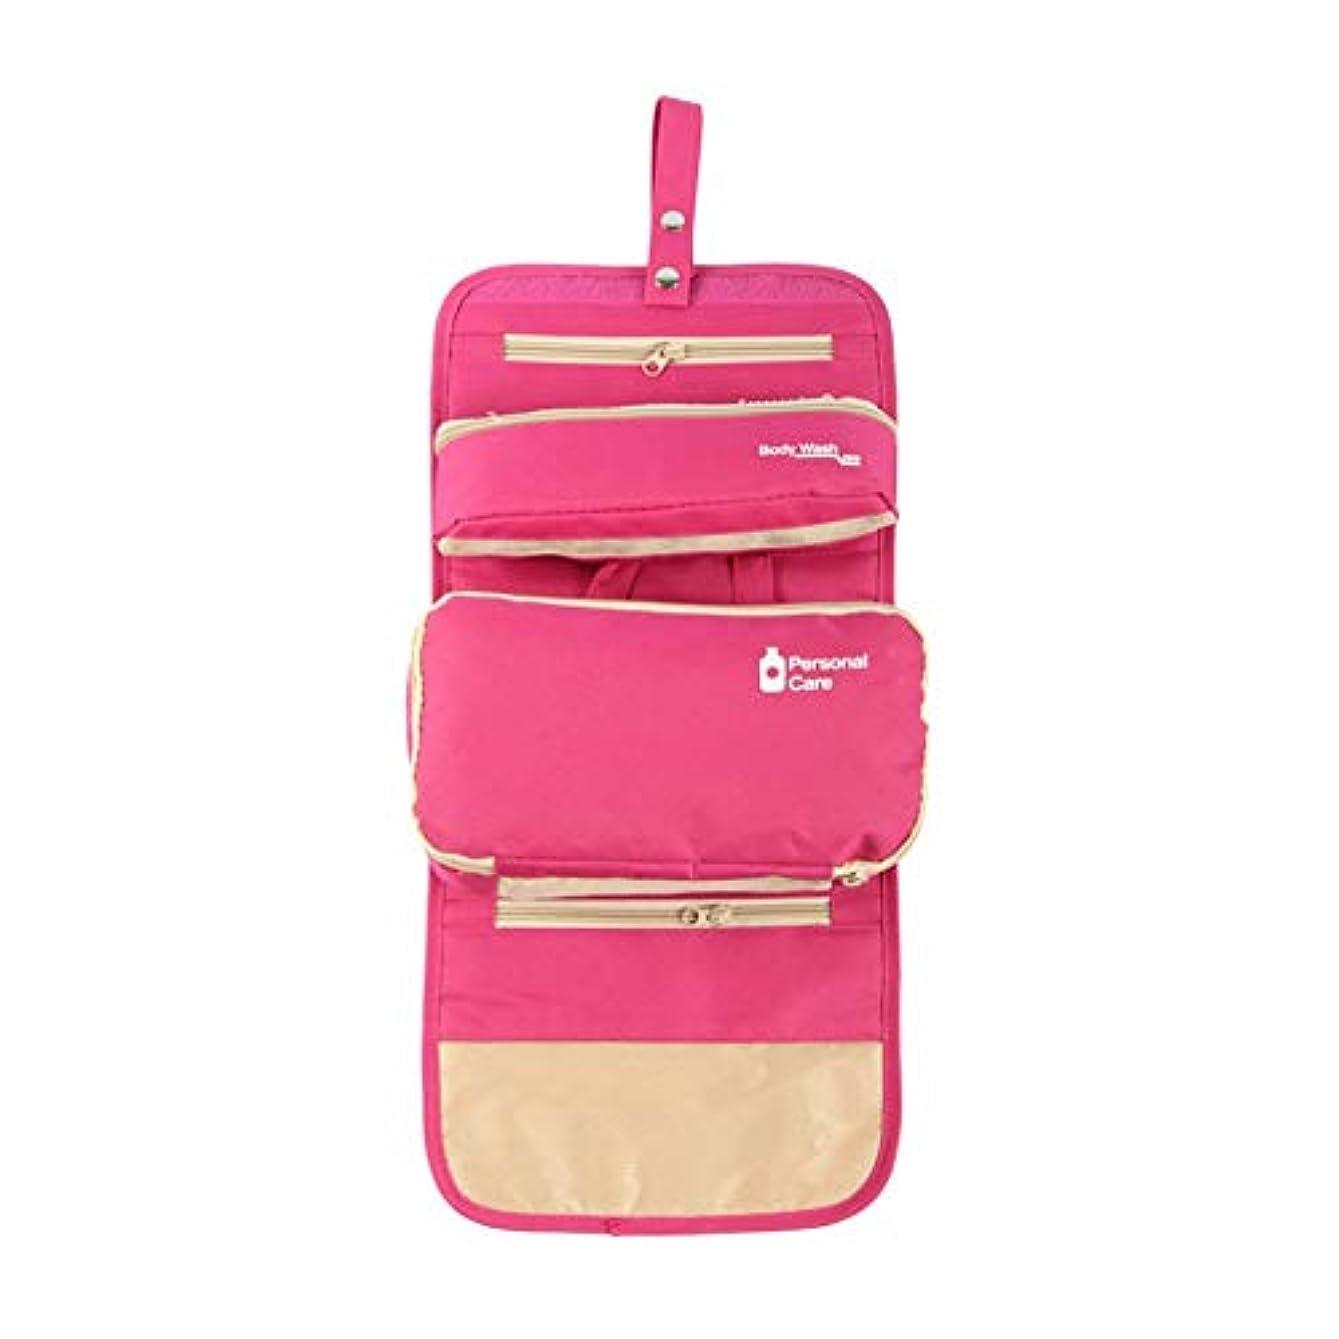 鬼ごっこシプリー降伏特大スペース収納ビューティーボックス 女の子の女性旅行のための新しく、実用的な携帯用化粧箱およびロックおよび皿が付いている毎日の貯蔵 化粧品化粧台 (色 : ピンク)